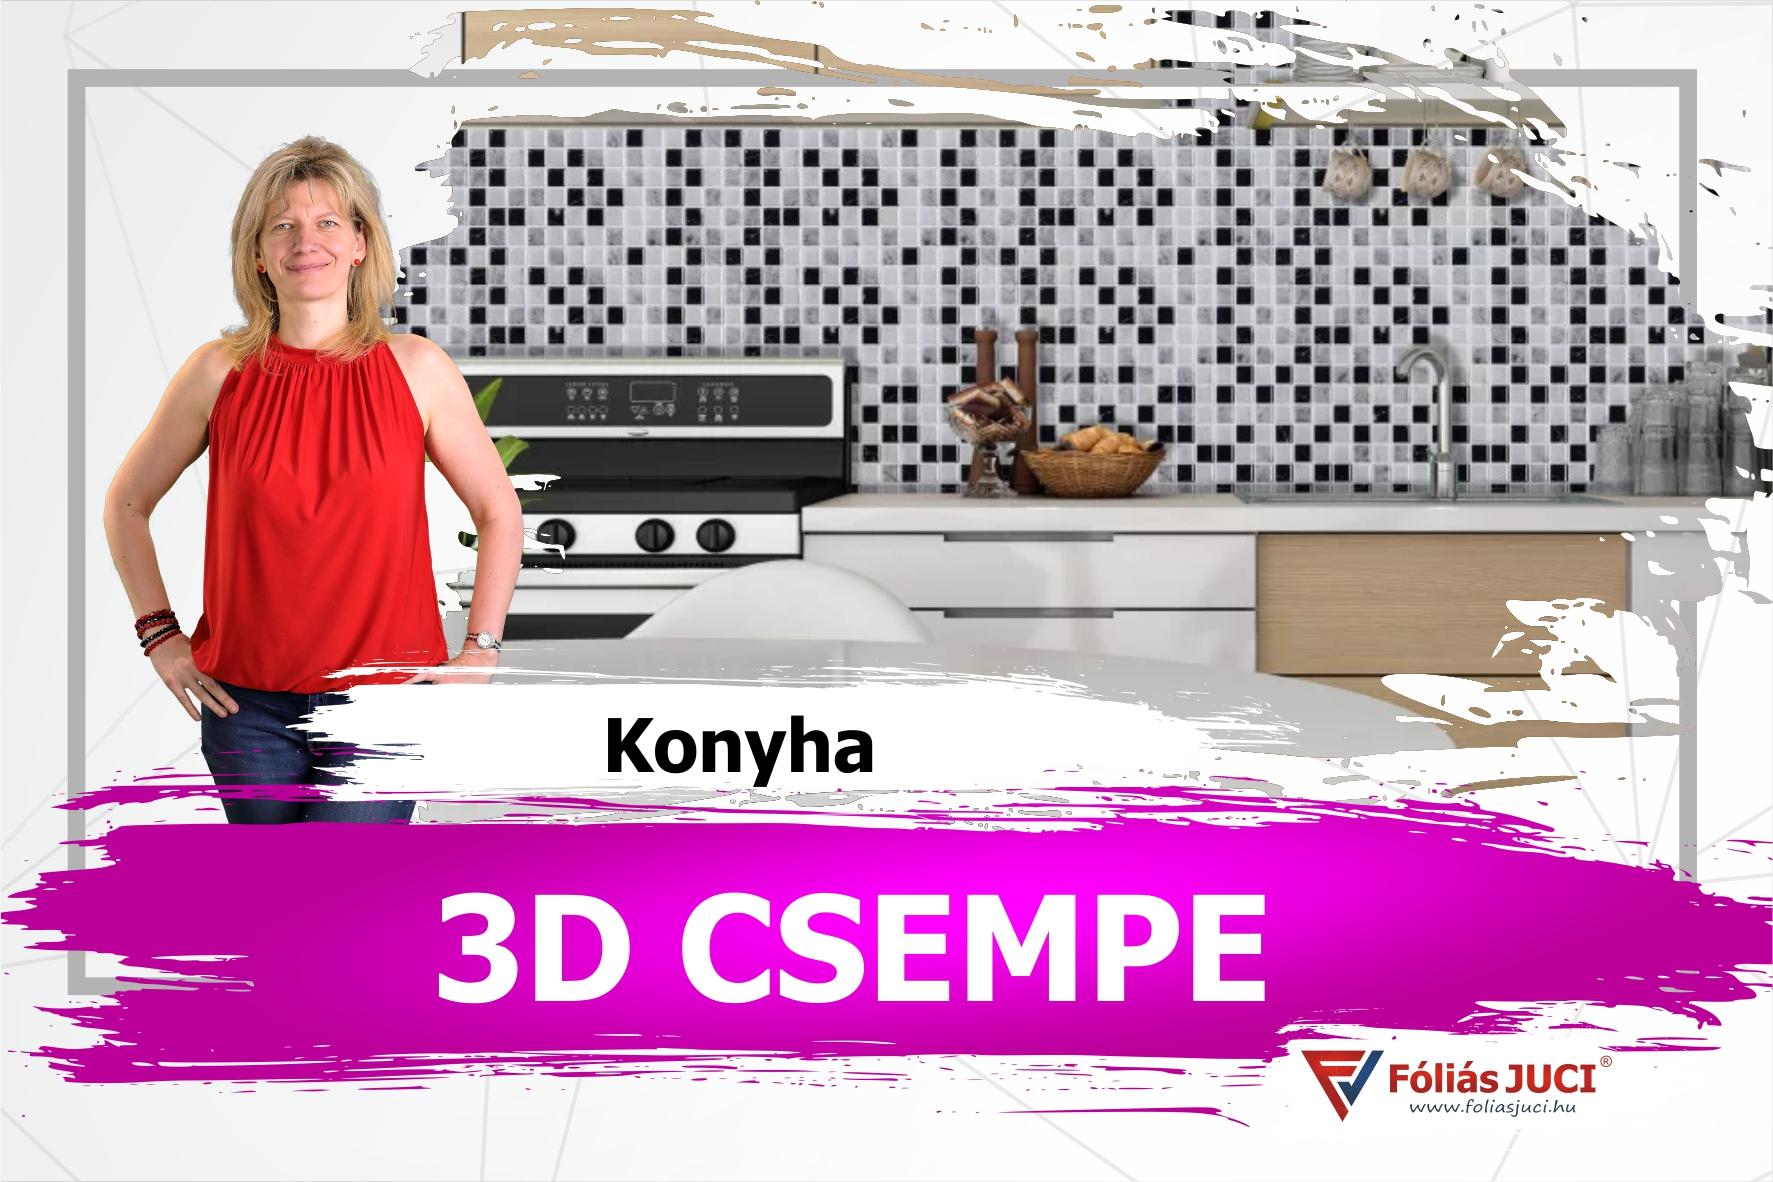 ÖNTAPADÓS 3D CSEMPE TAPASZTALATOK KONYHÁBAN